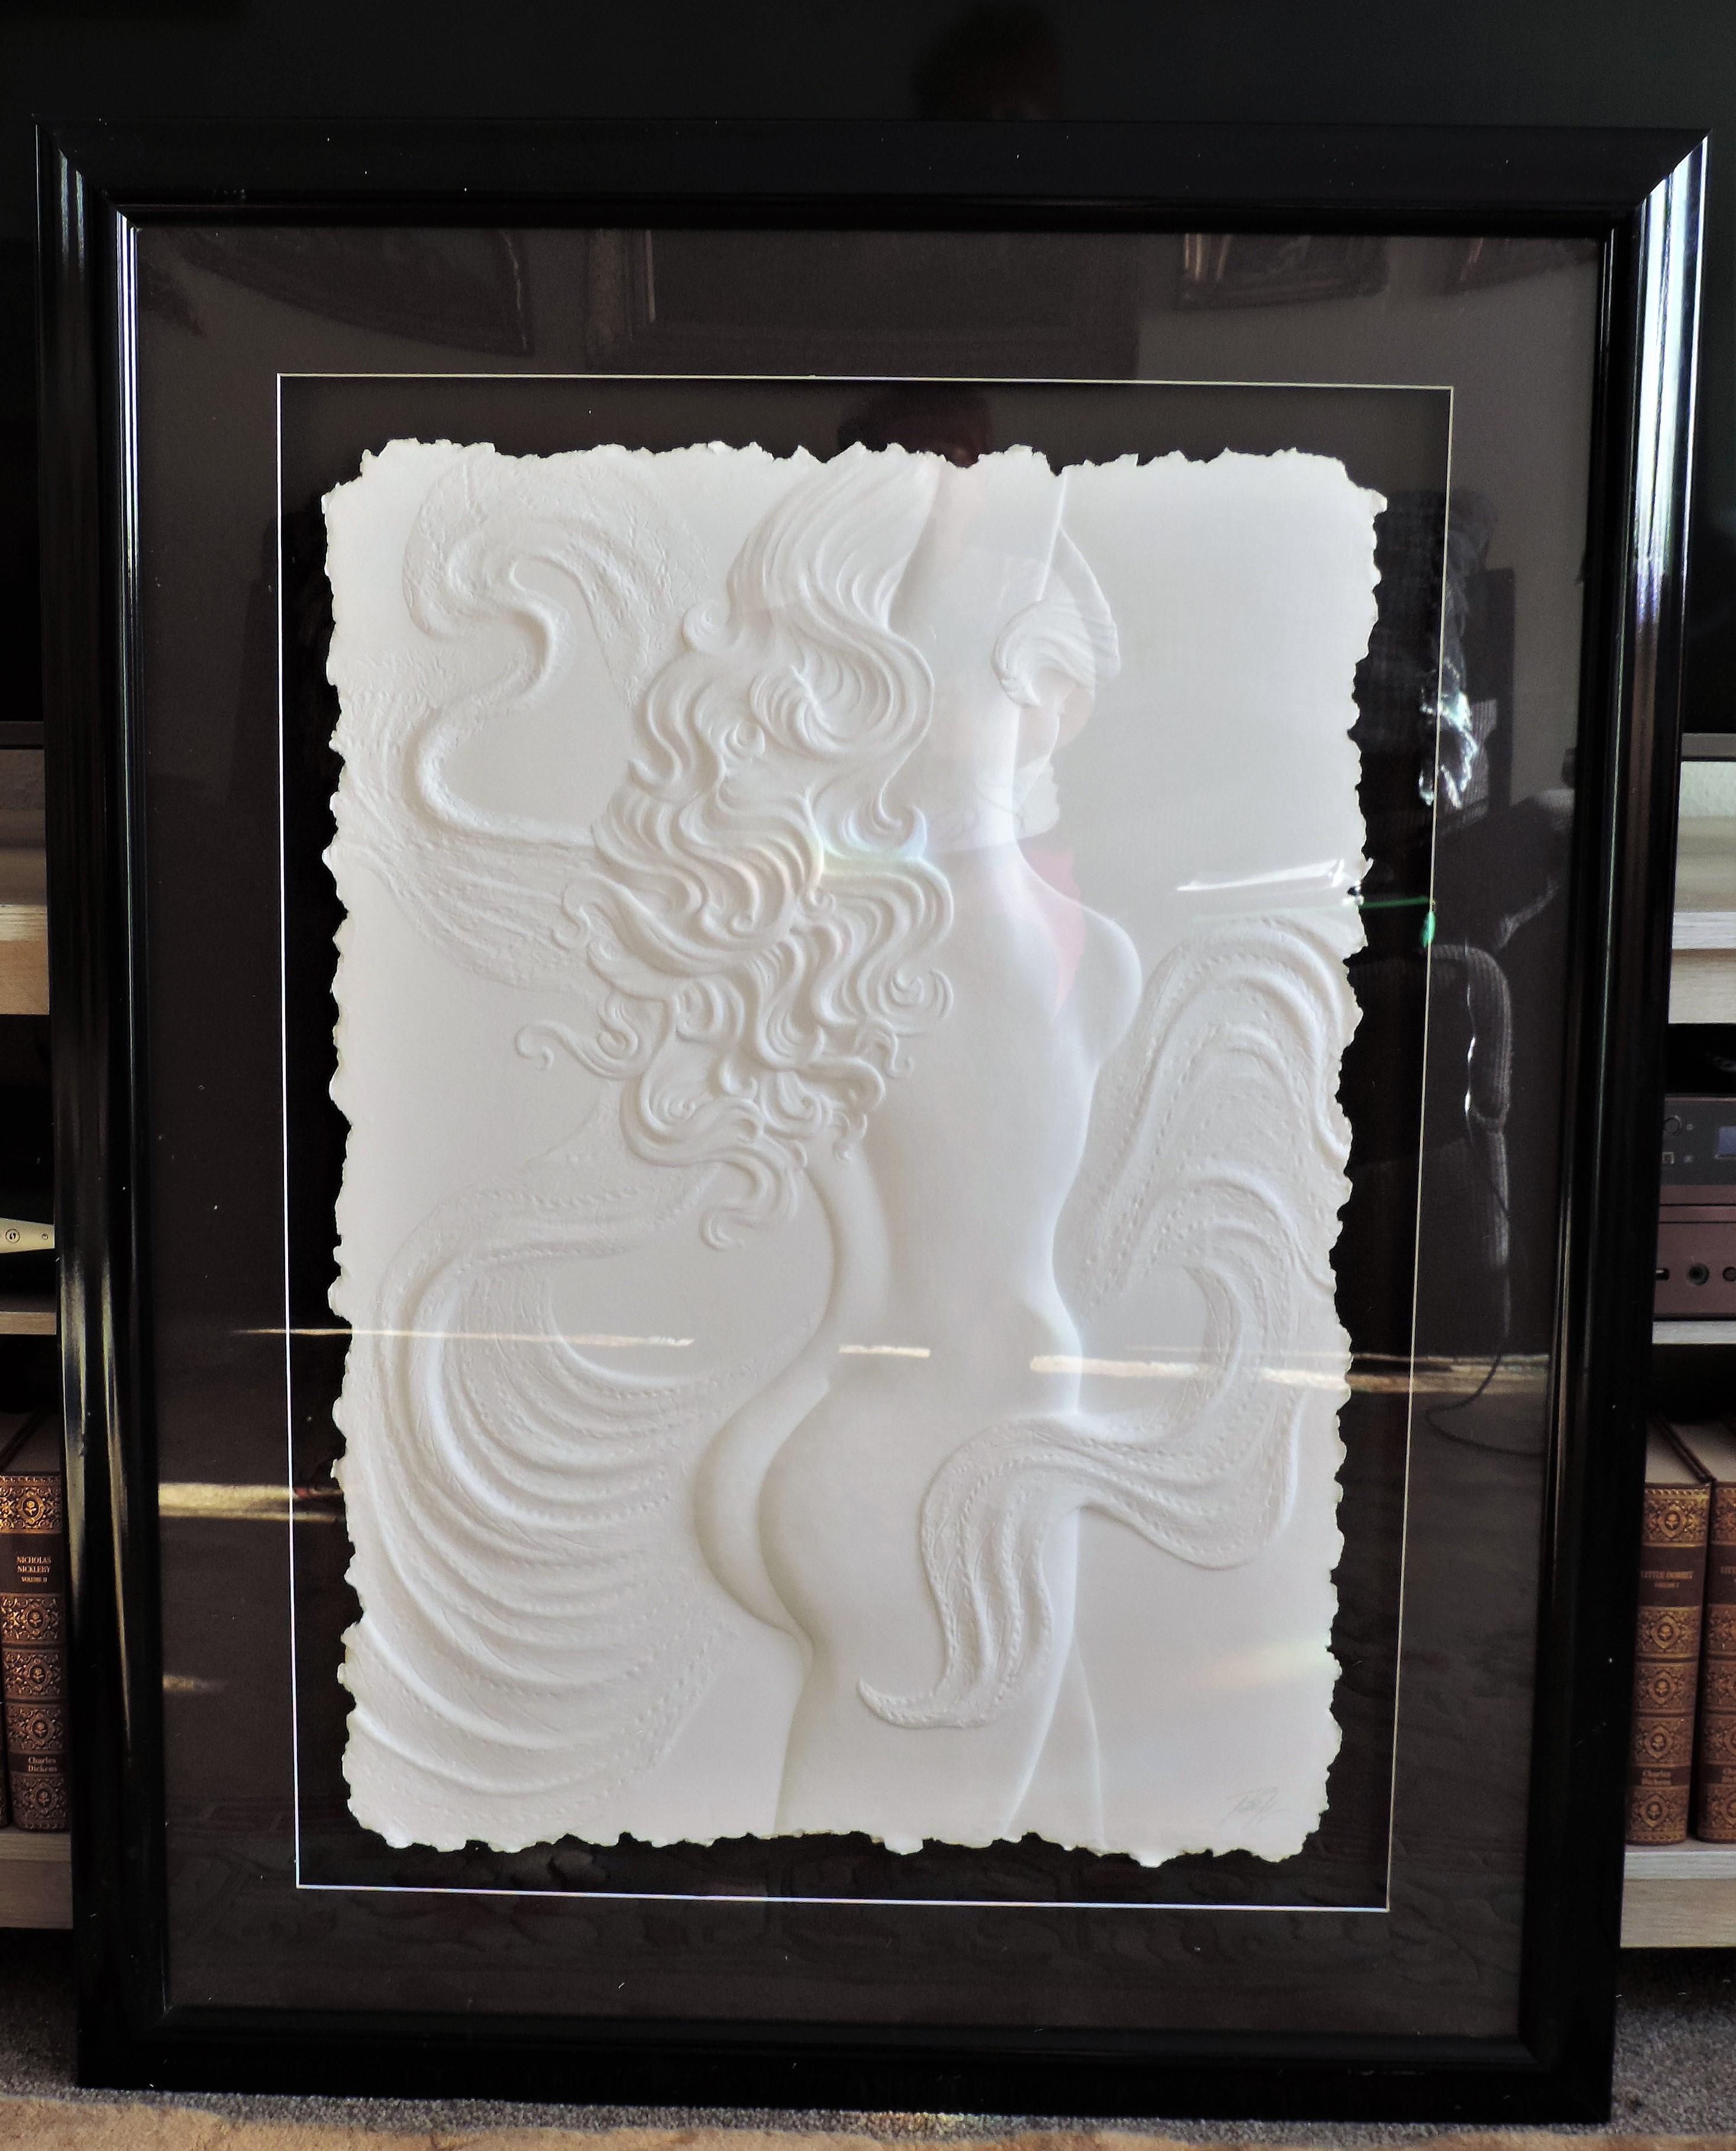 Roberta Peck 'Nude Dancer' Monotype Sculpture on Paper - Image 4 of 12